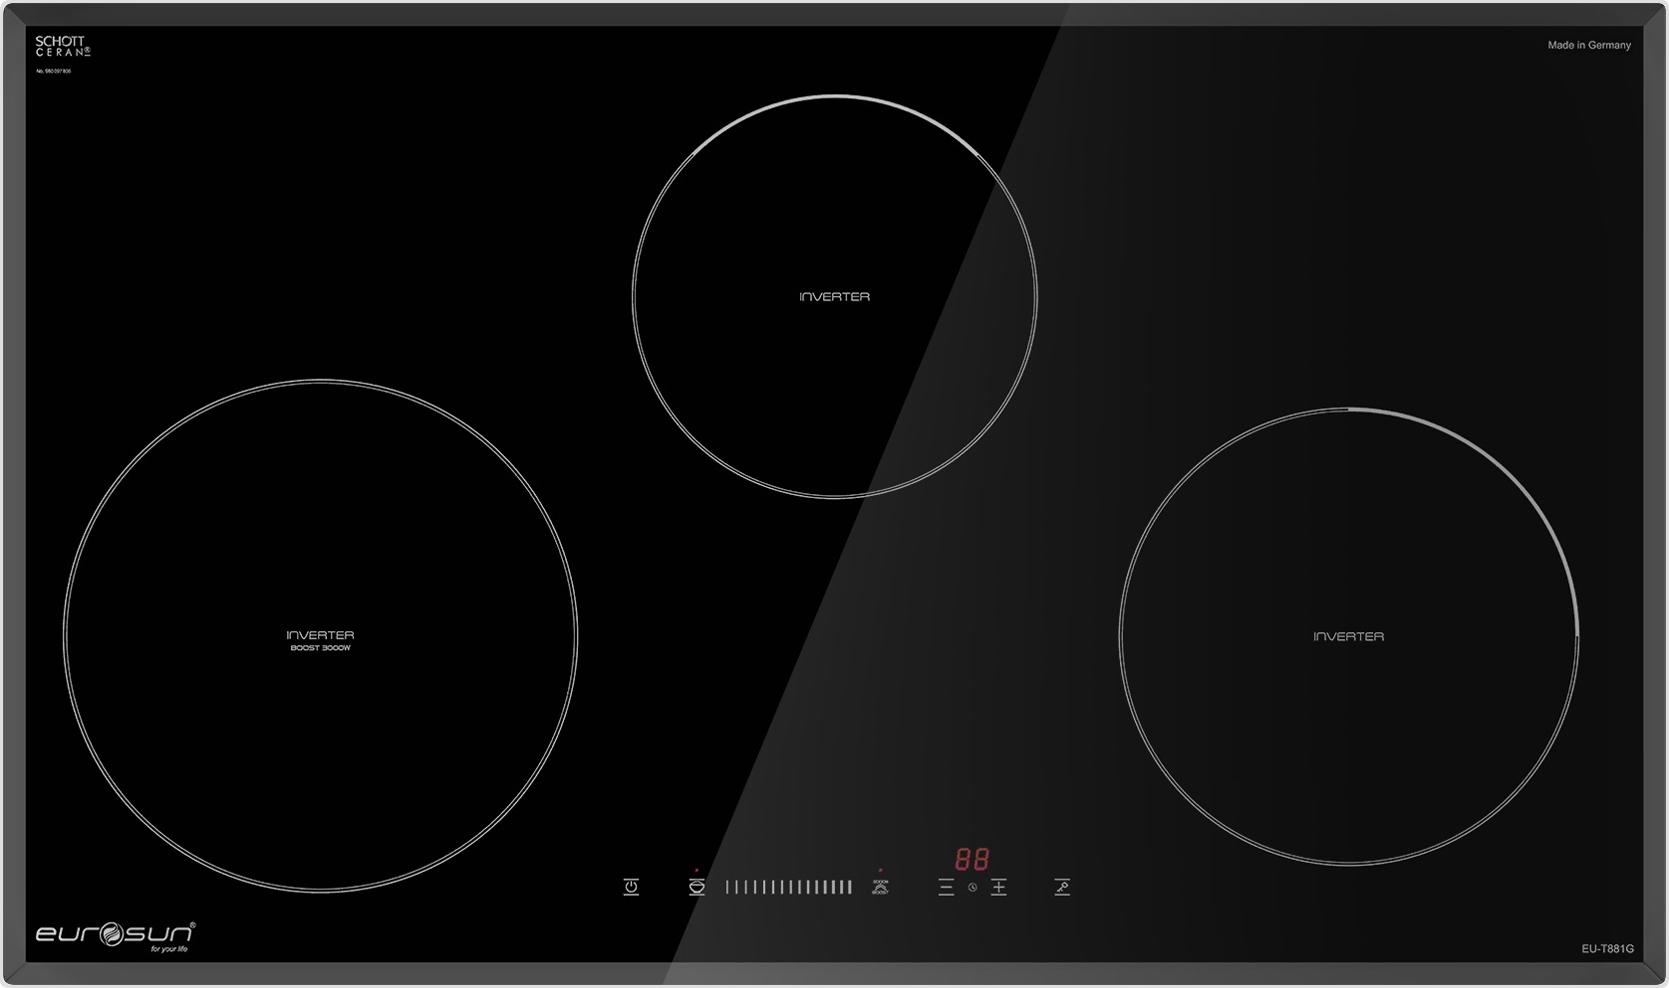 Mua bếp từ Eurosun EU-T881G nhập khẩu nguyên chiếc từ Đức giá tốt nhất chỉ  có tại HSN.VN